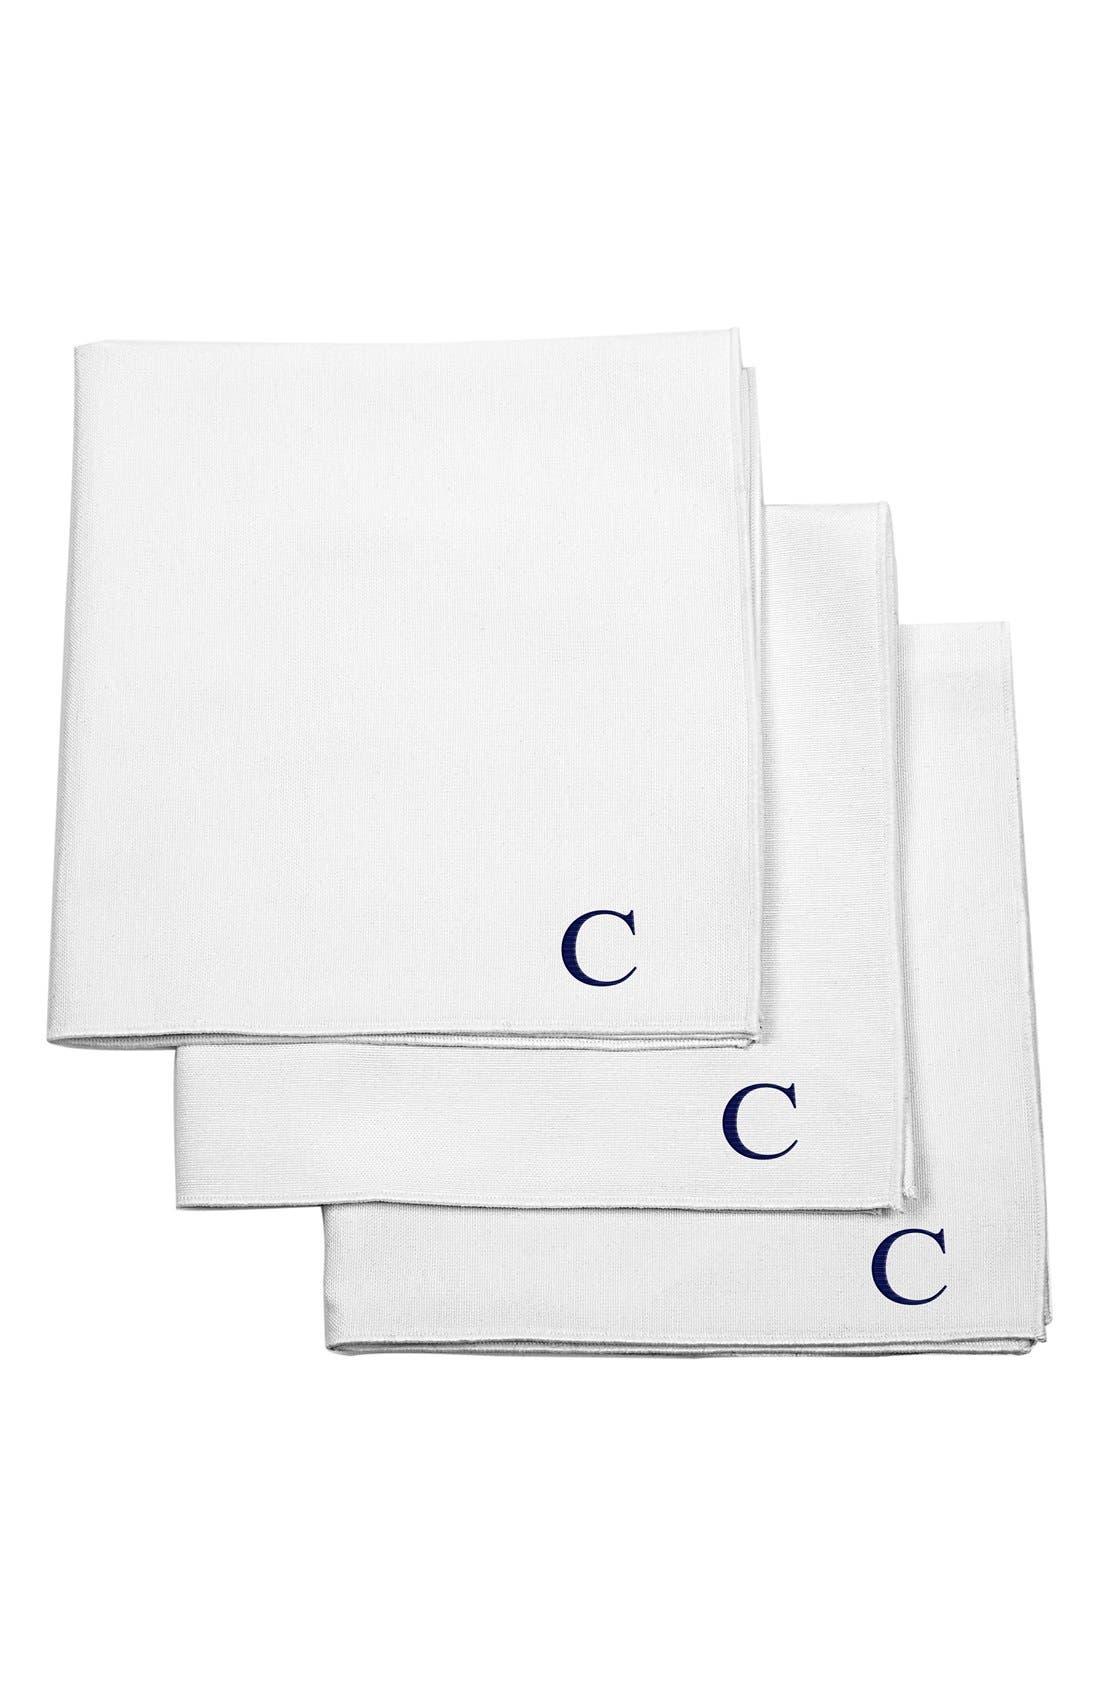 Set of 3 Monogram Cotton Pocket Squares,                         Main,                         color, C